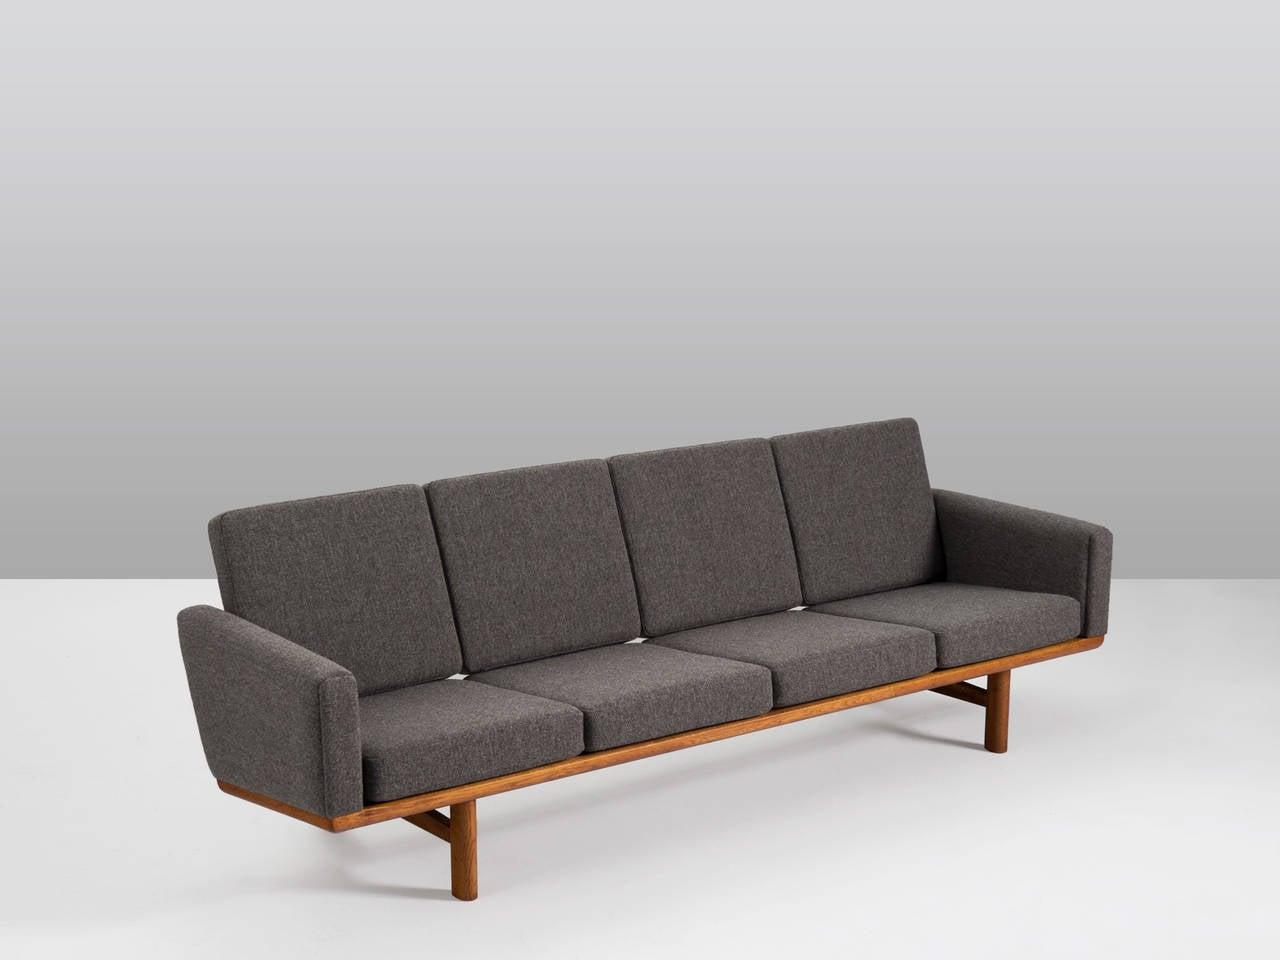 hans j wegner sofa model ge 236 4 for getama for sale at 1stdibs. Black Bedroom Furniture Sets. Home Design Ideas